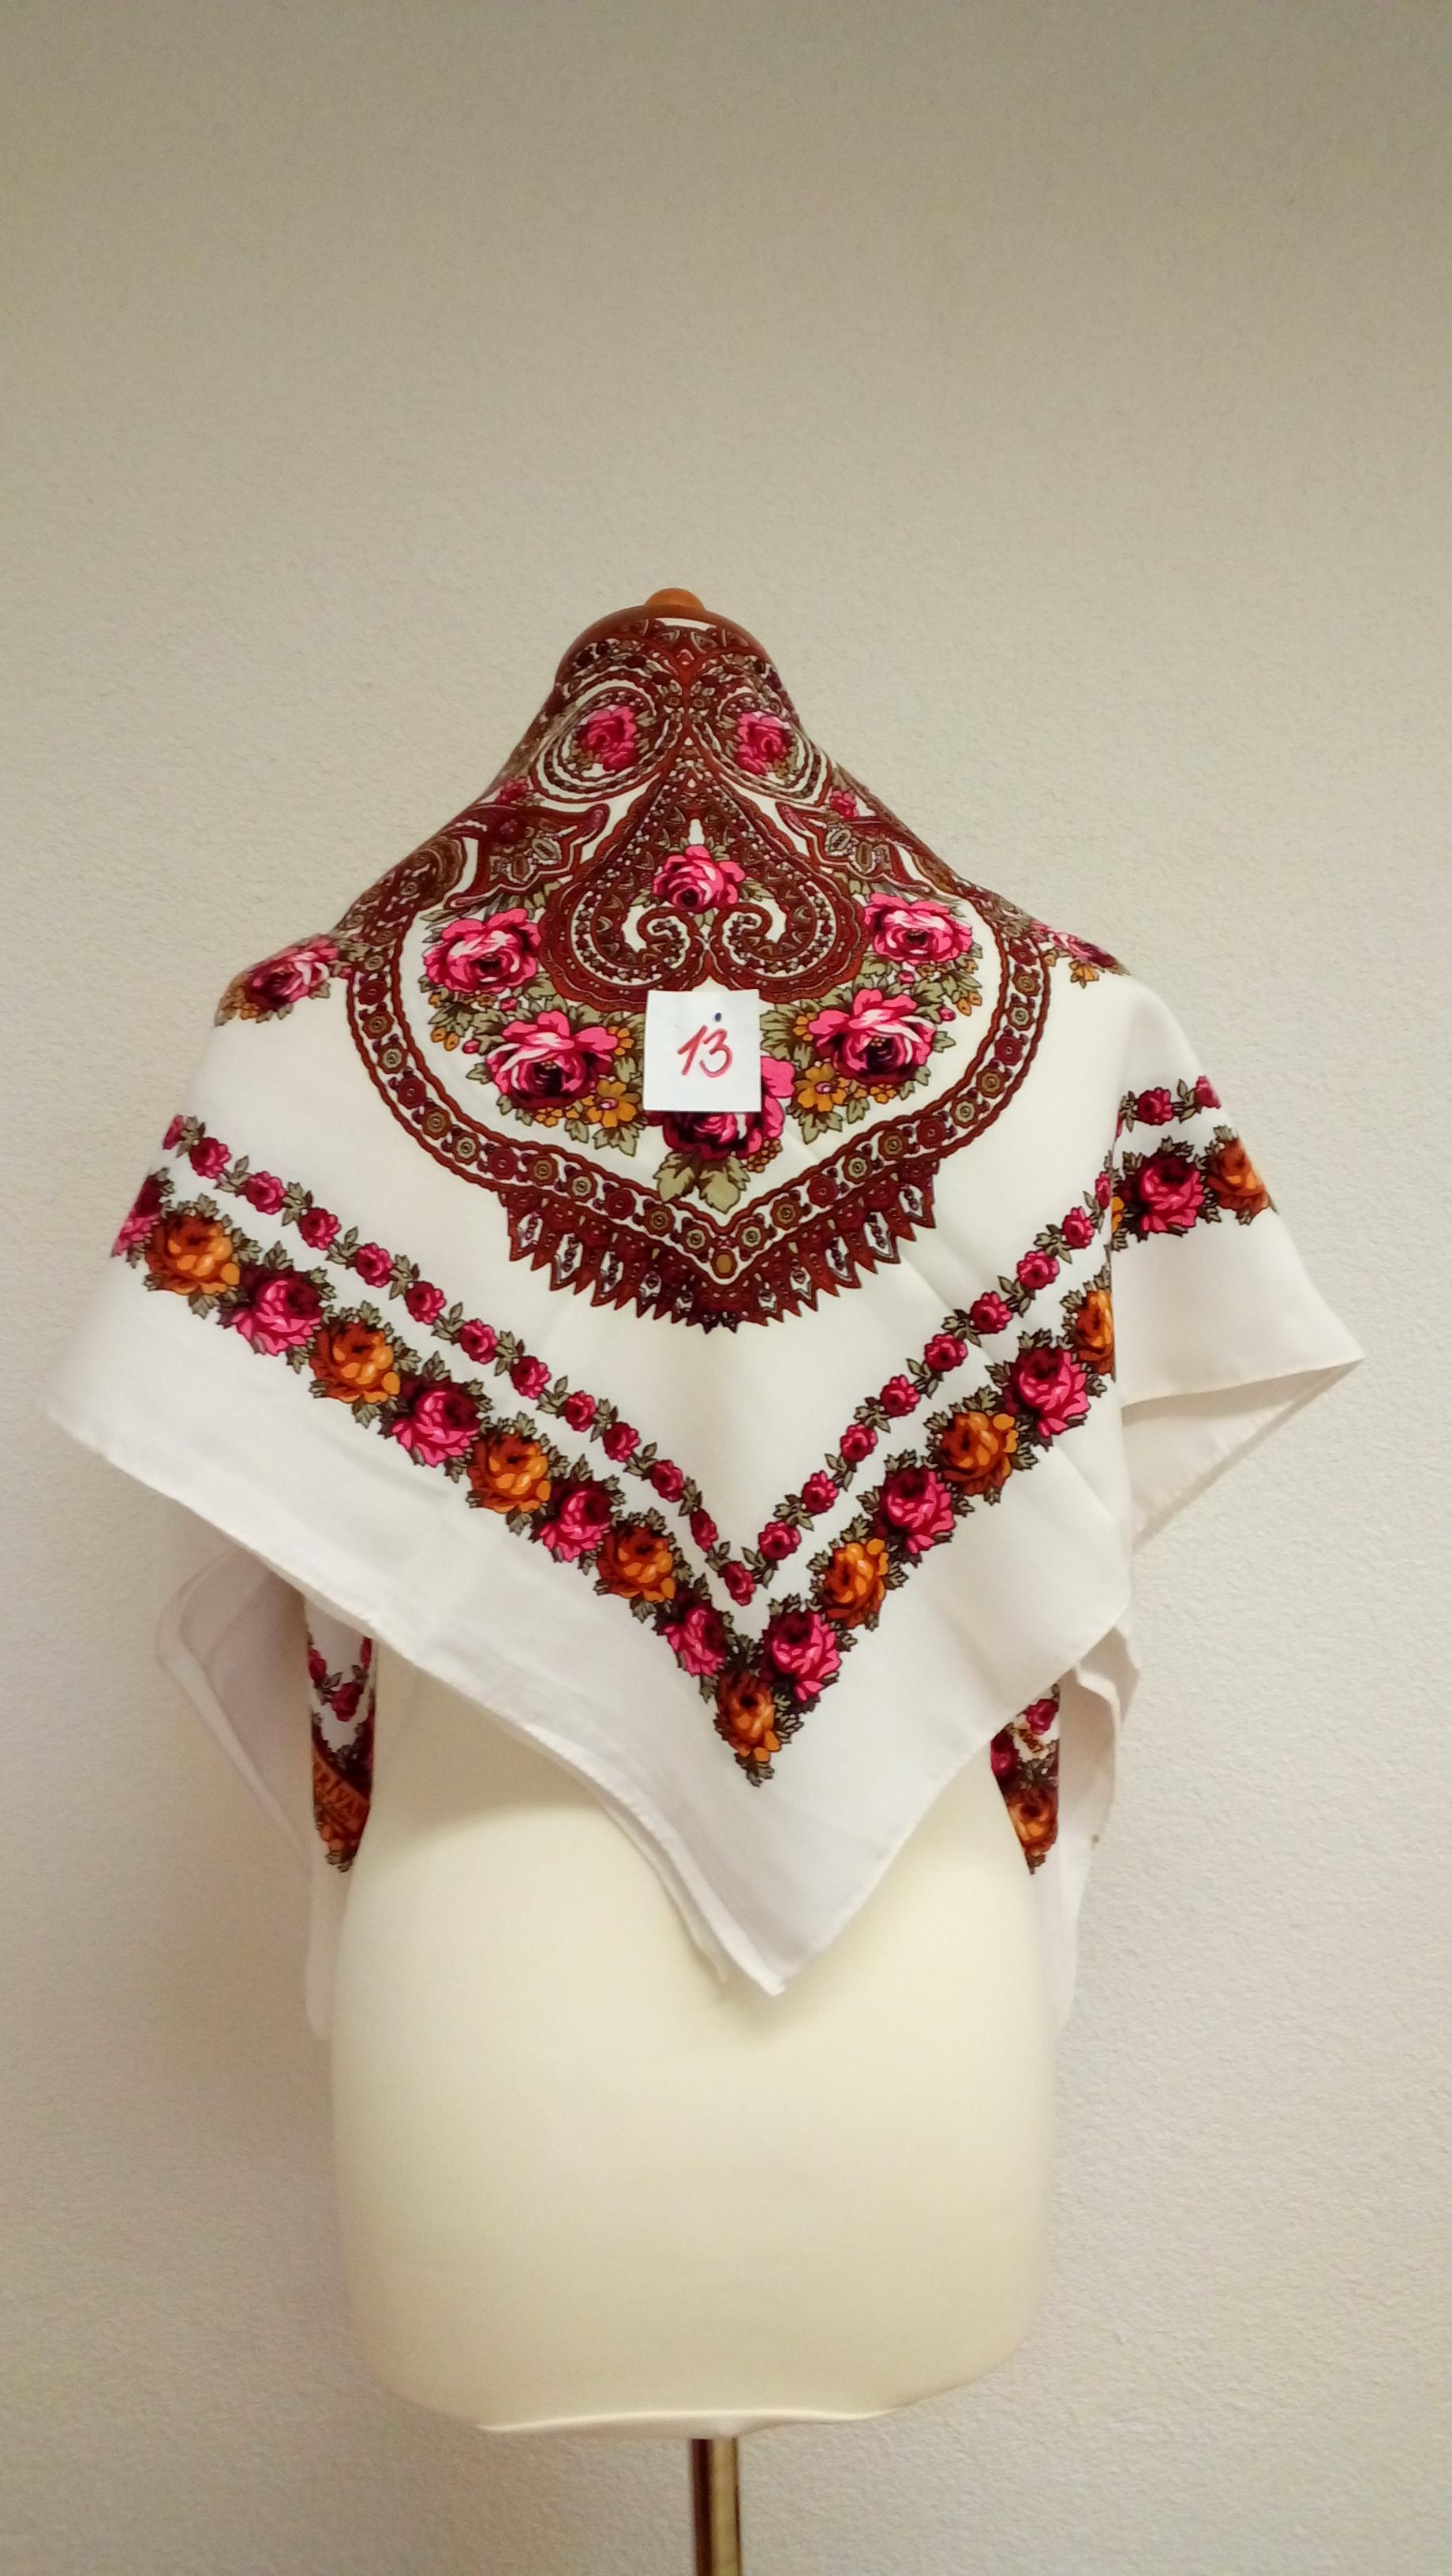 b1260cd0459e Dámska bavlnená šatka biela (13) – Detvianske ľudové umenie – Iveta ...